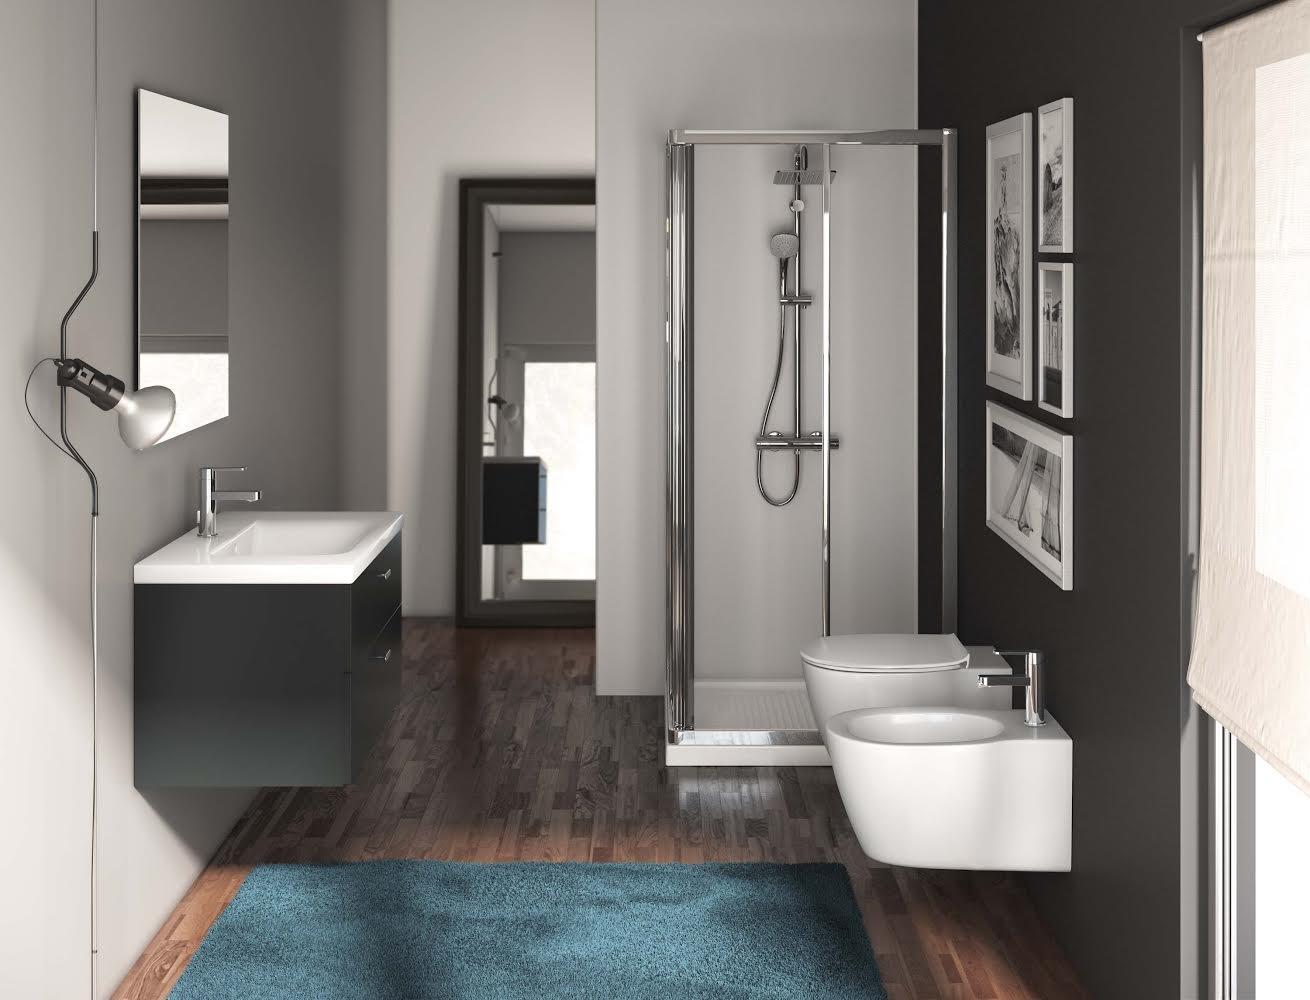 Da ideal standard le soluzioni bagno per tutte le esigenze - Sanitari bagno design ...